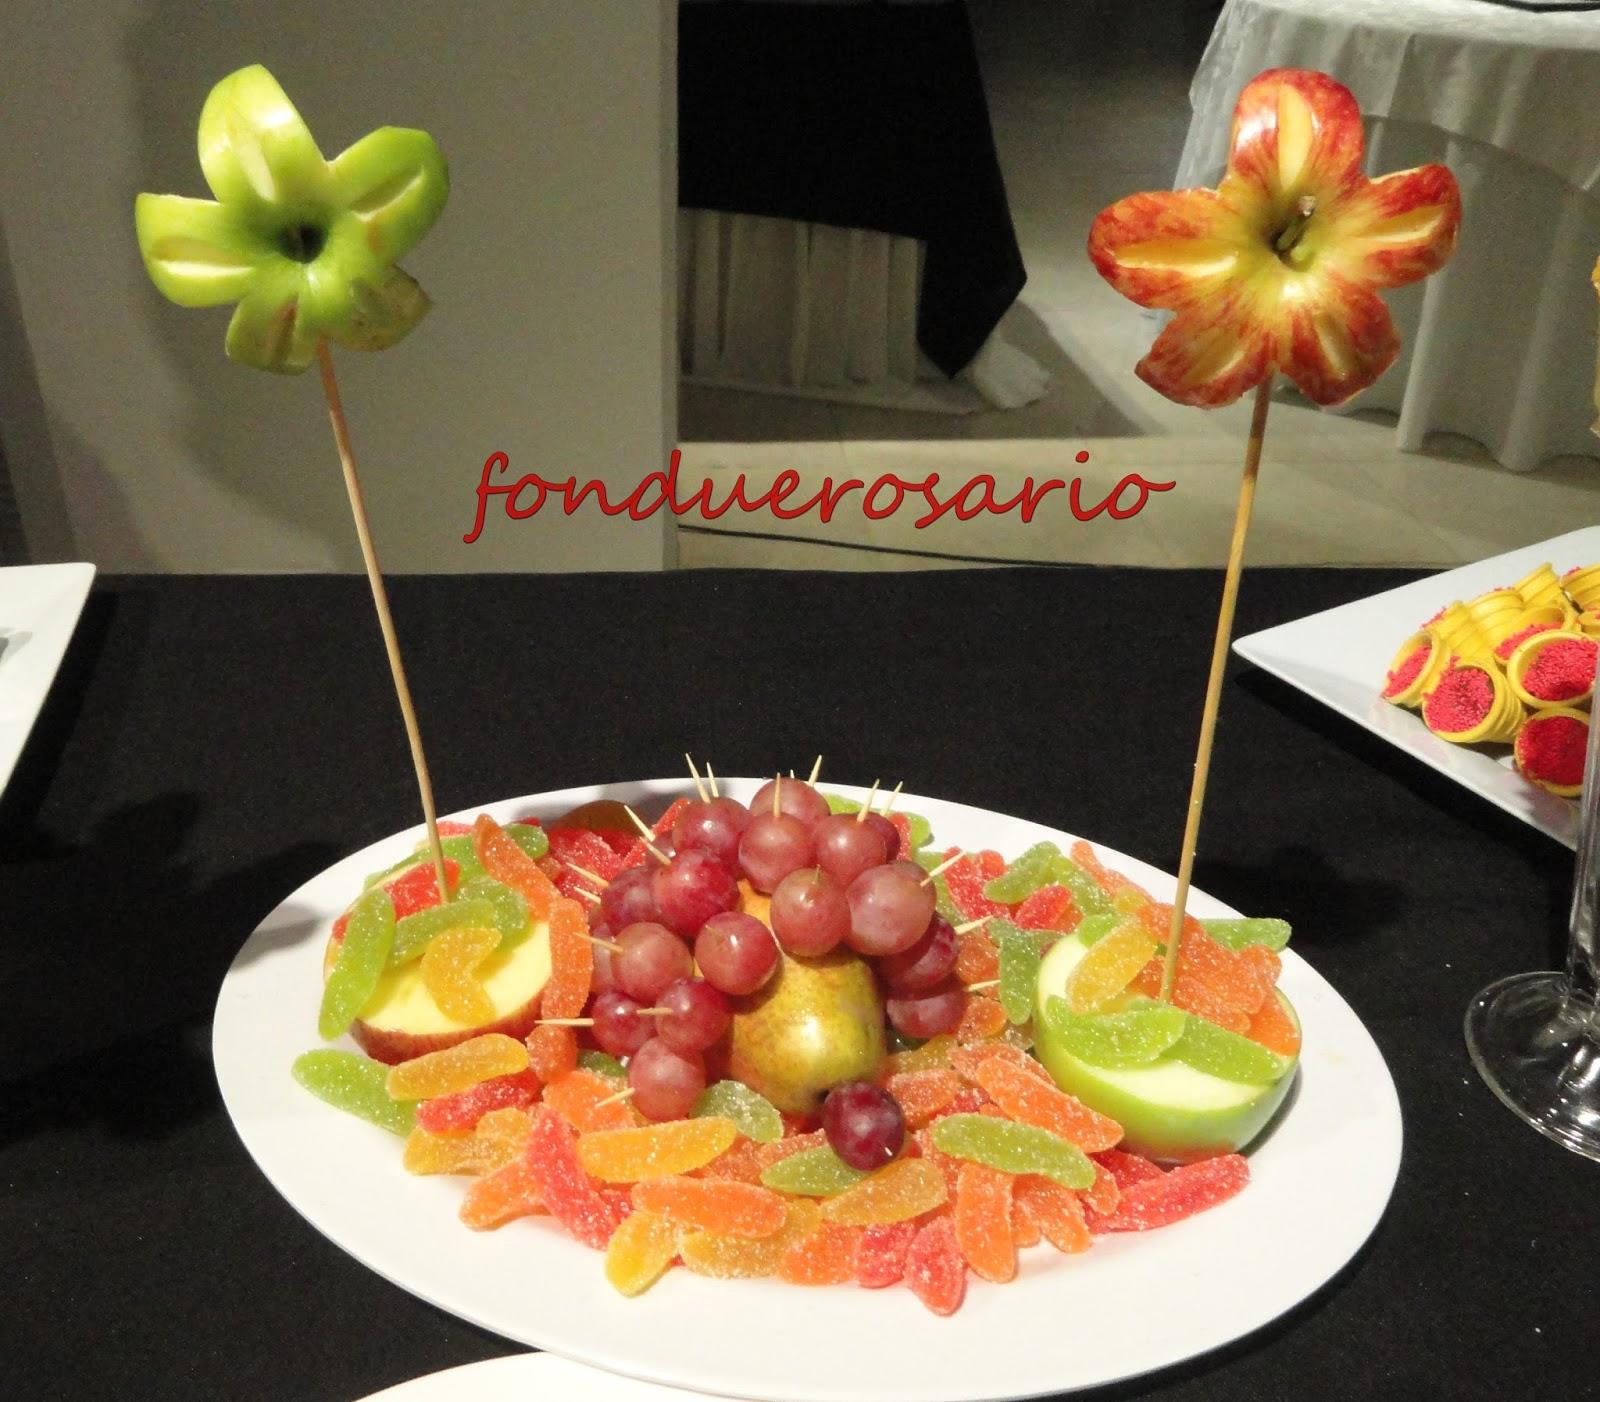 Fondue rosario cascada de chocolate para fiestas y eventos for Secar frutas para decoracion